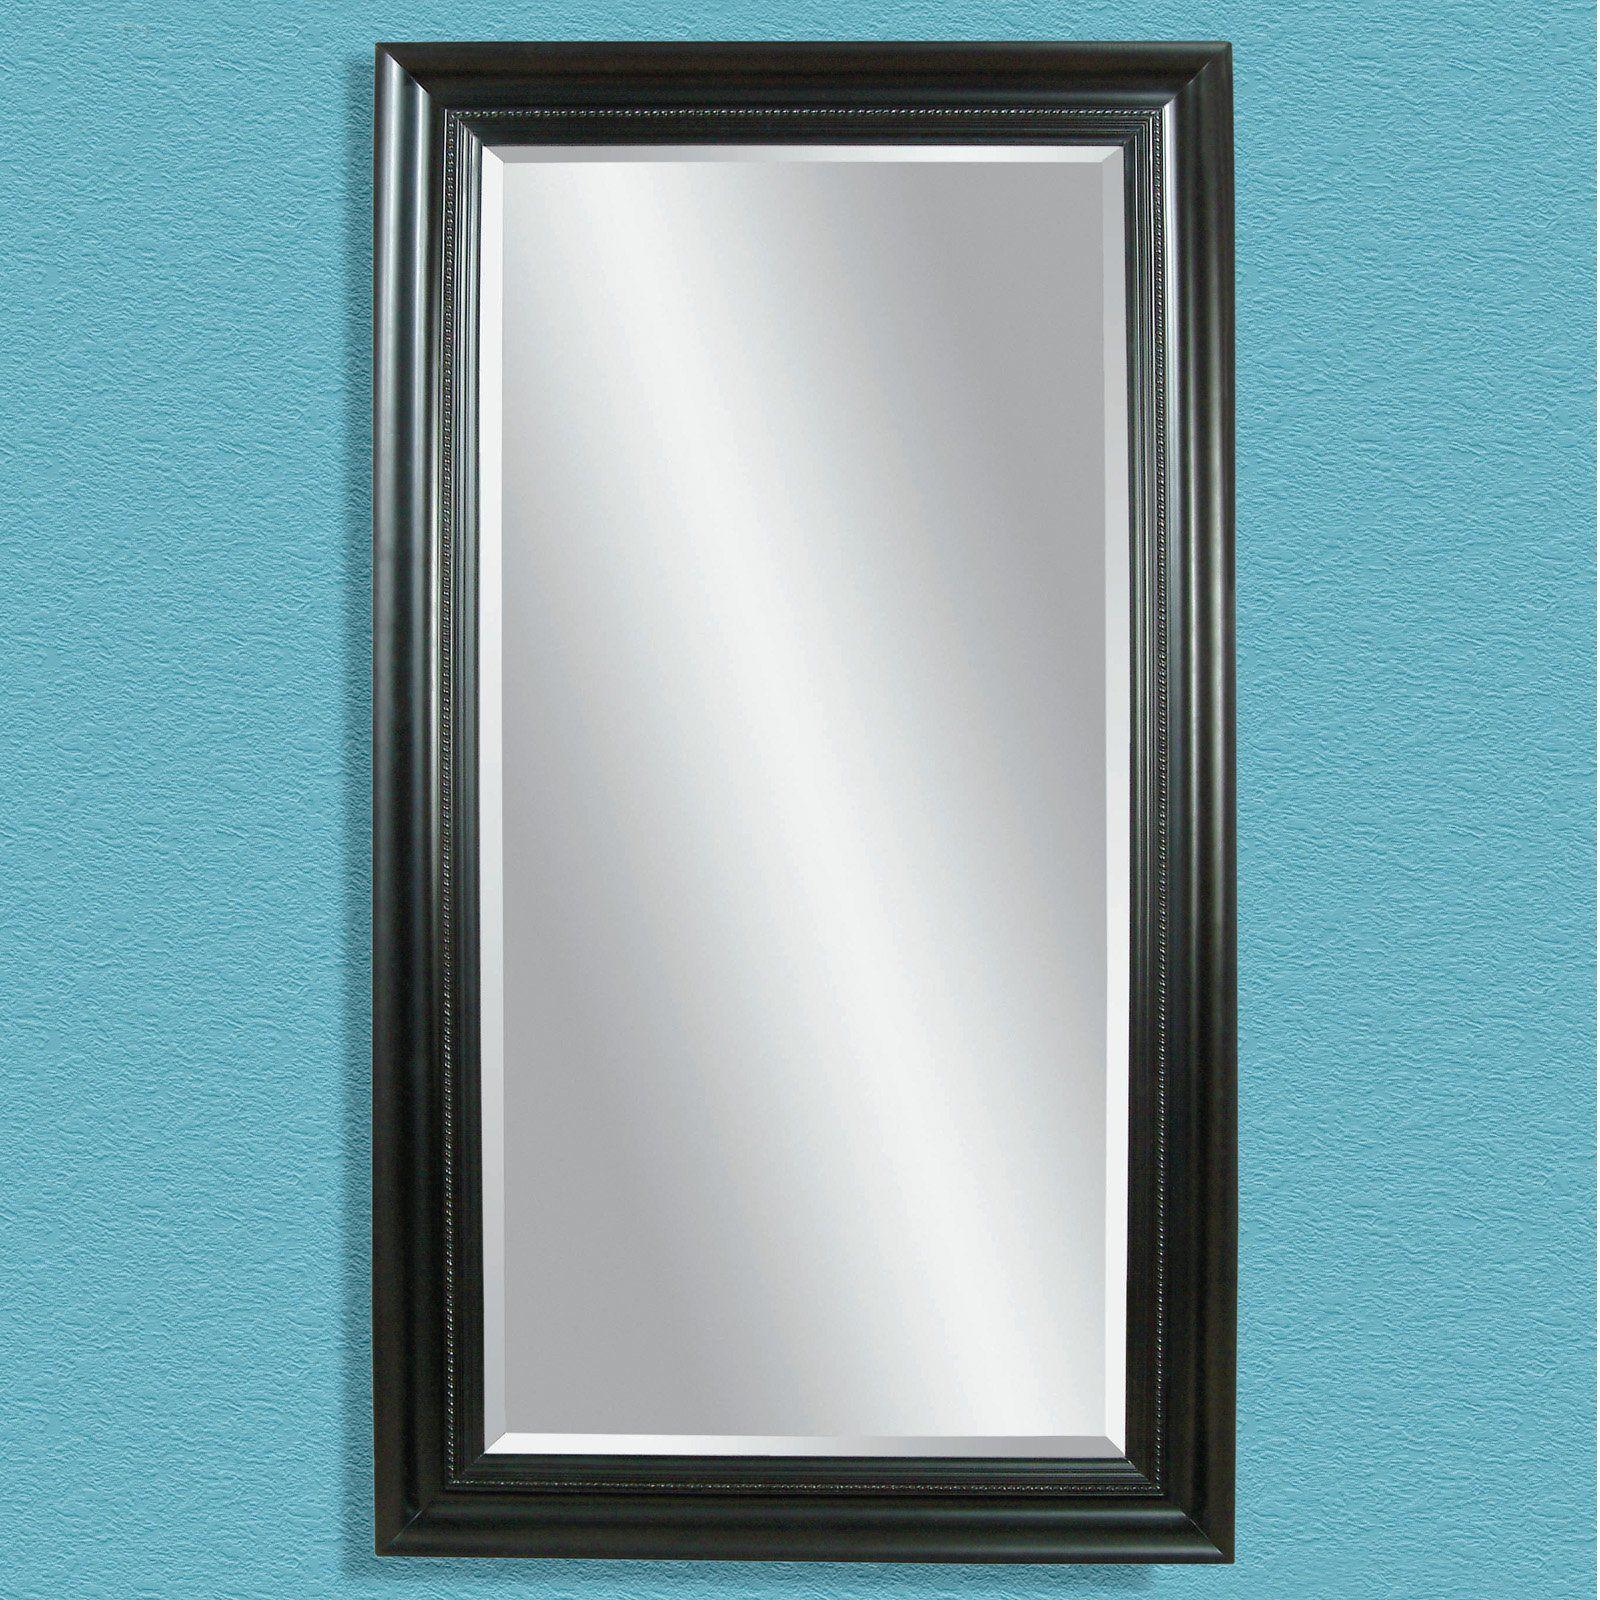 Plantation Mahogany Leaning Floor Mirror - 42W x 80H in. | www ...